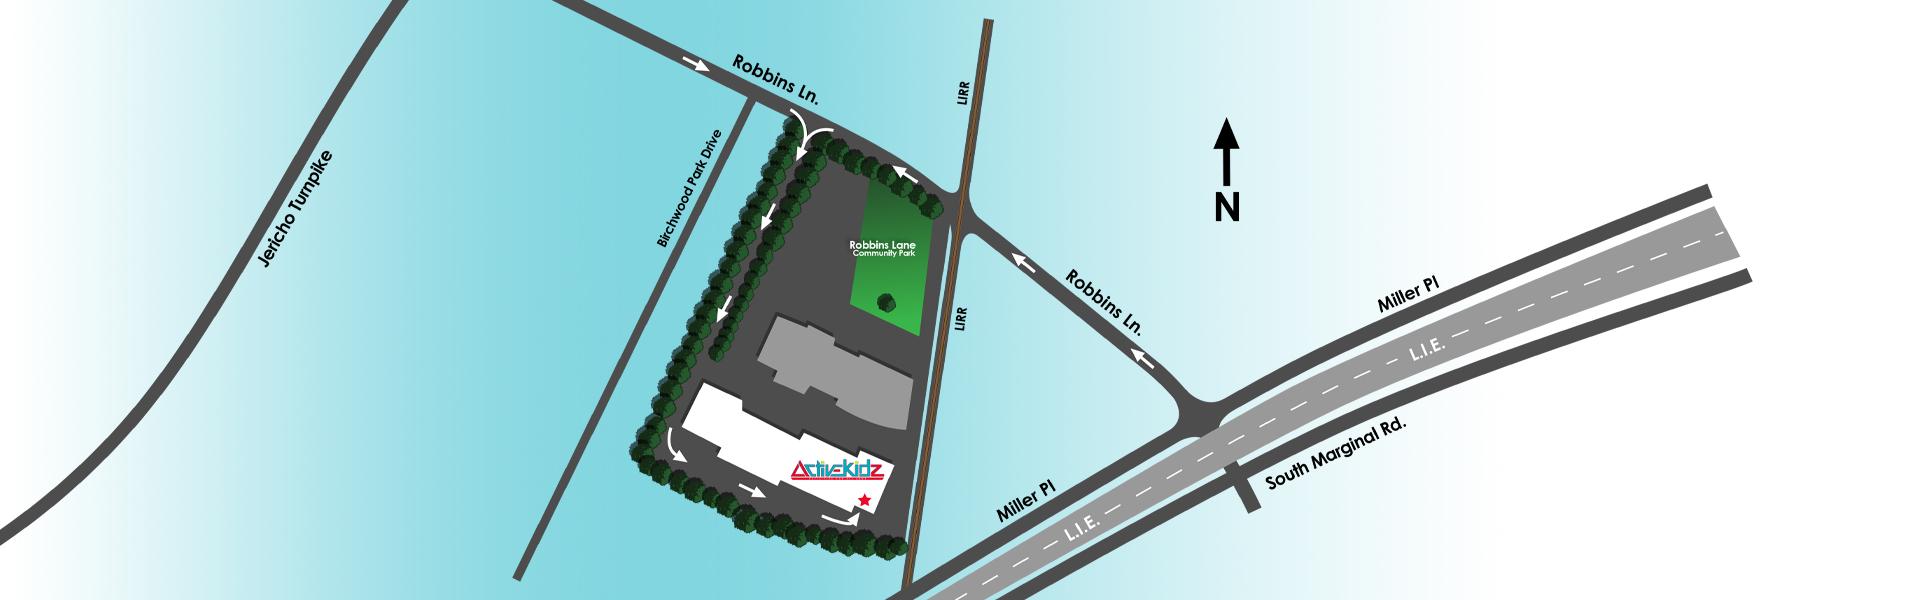 ActiveKidz Map Jericho NY